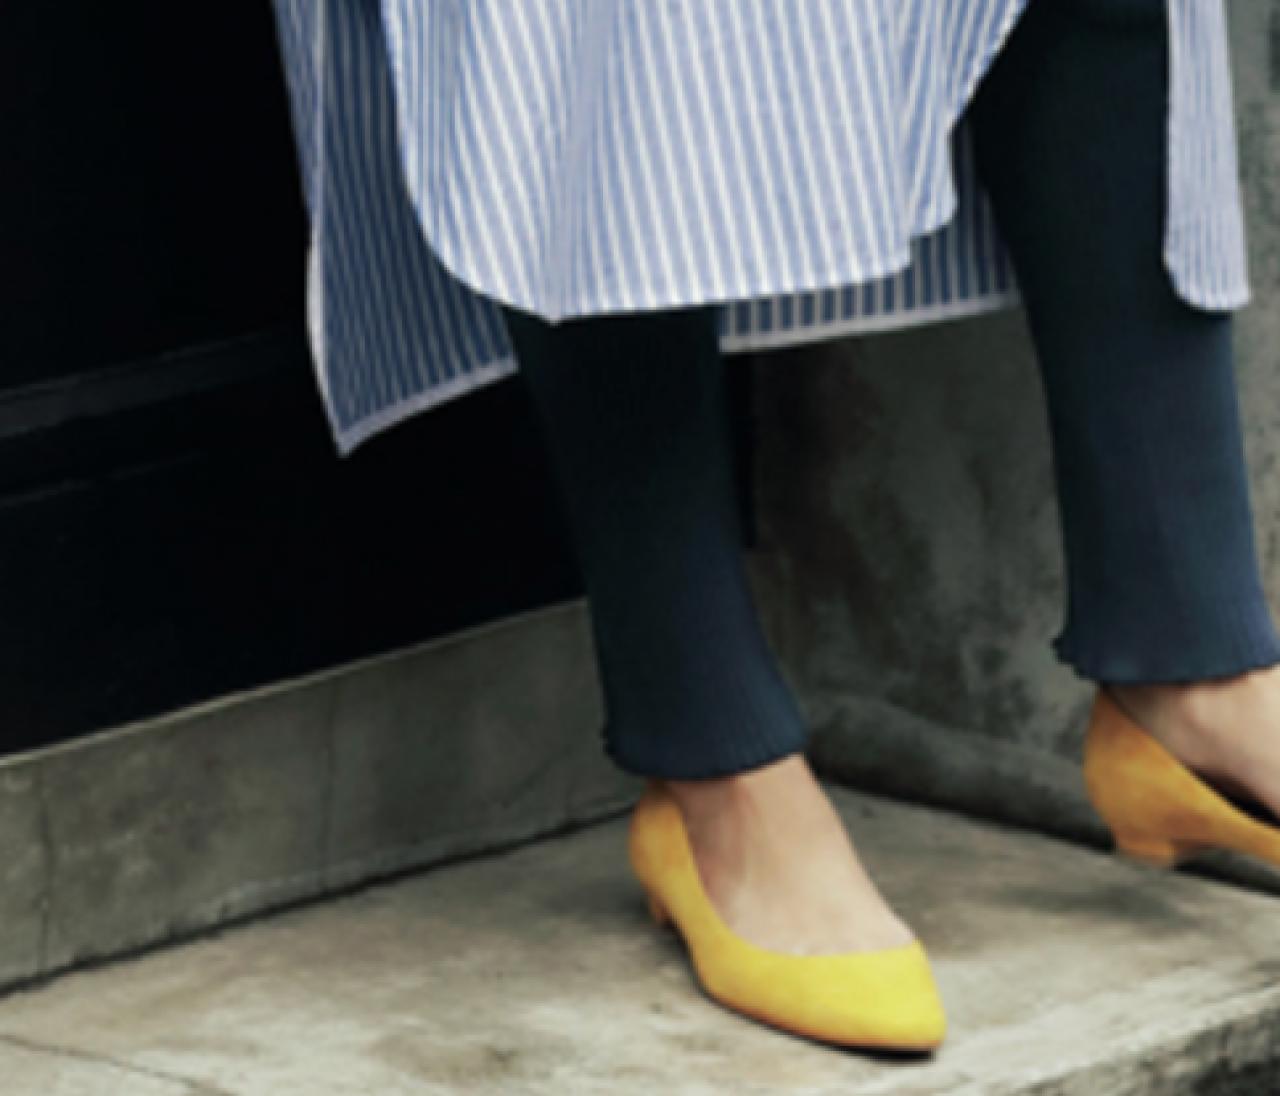 人気急上昇中↑秋おすすめレギンスコーデ&カタログ【30代向けレディースファッション】